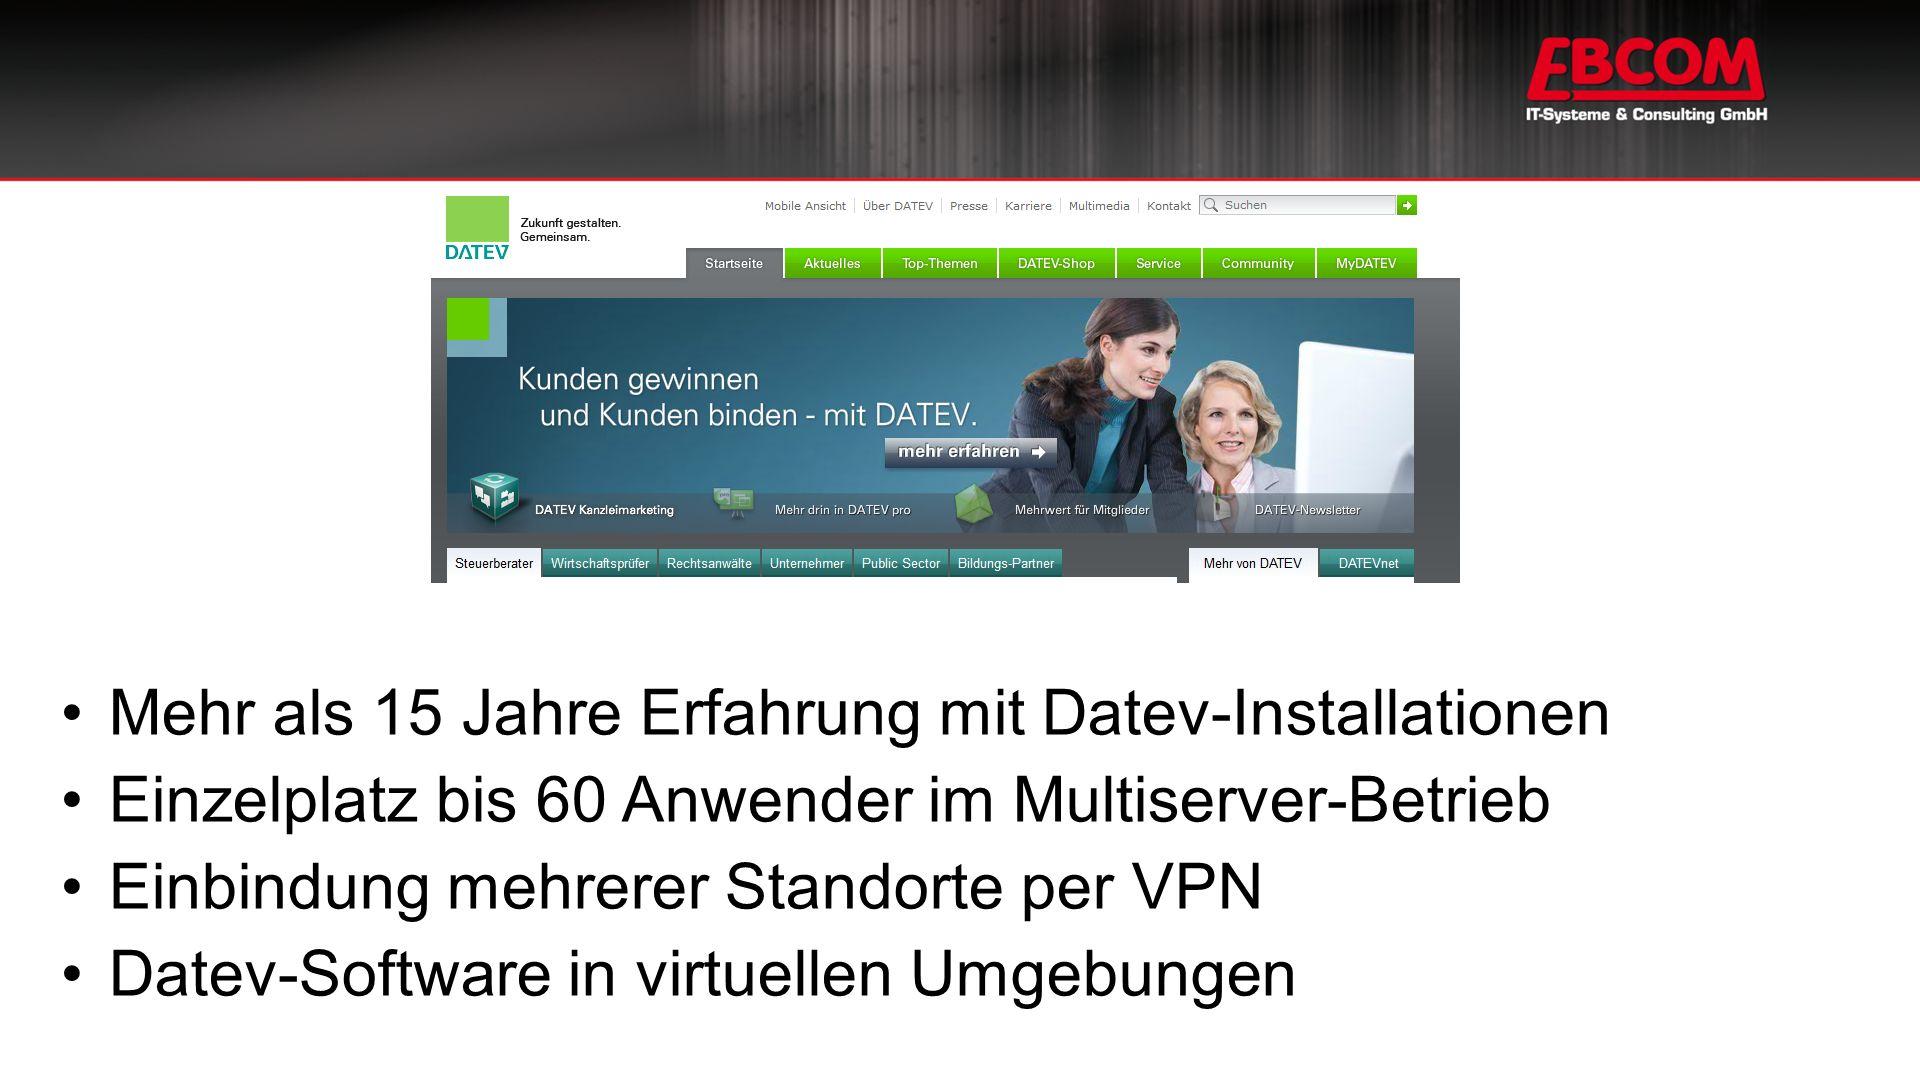 Mehr als 15 Jahre Erfahrung mit Datev-Installationen Einzelplatz bis 60 Anwender im Multiserver-Betrieb Einbindung mehrerer Standorte per VPN Datev-Software in virtuellen Umgebungen